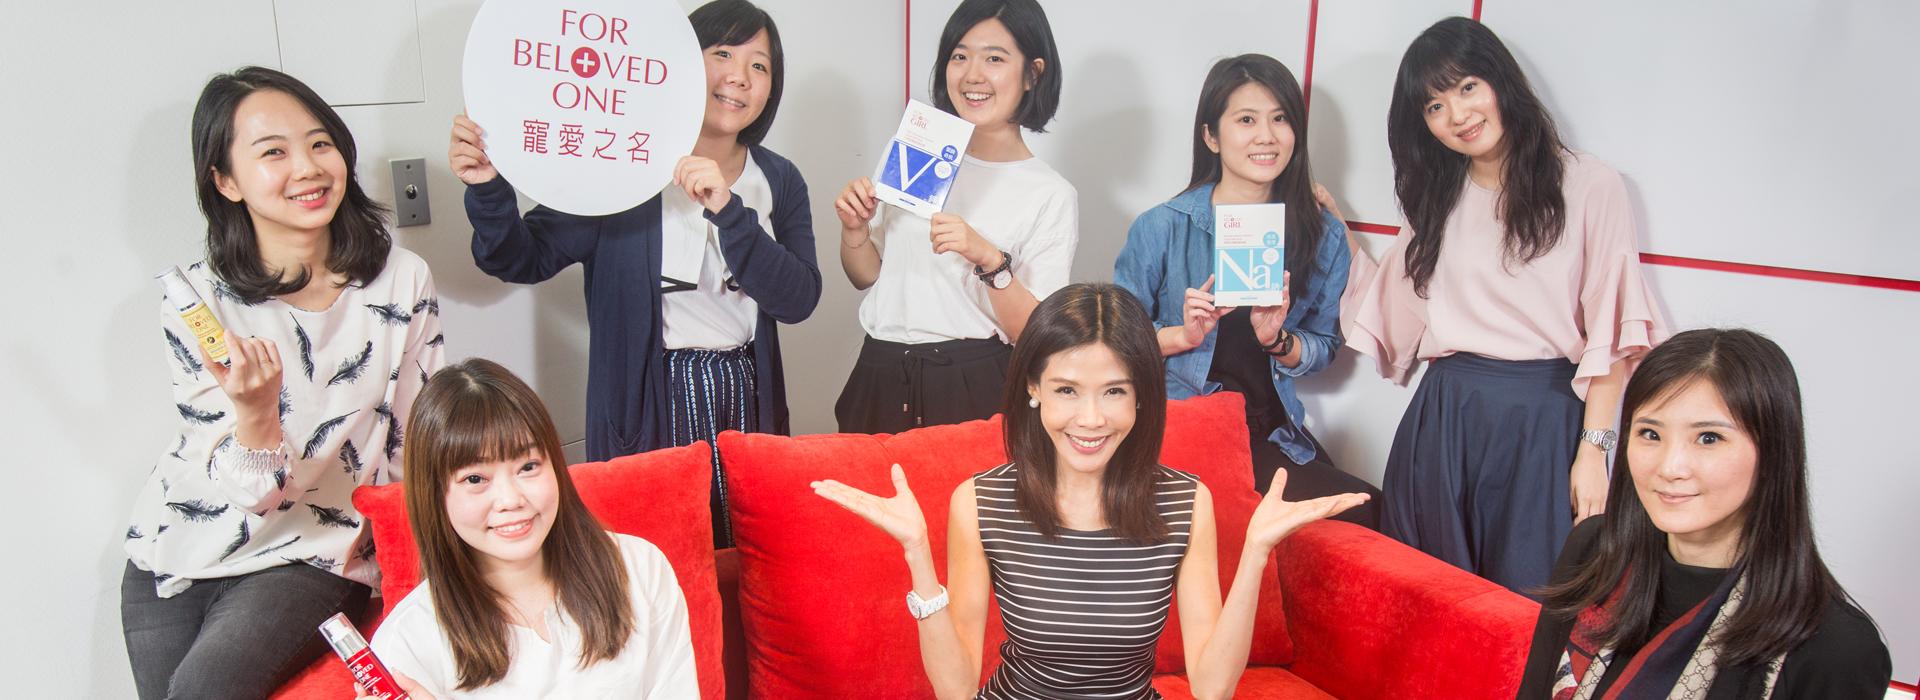 台灣面膜女王「雙品牌」  小資、貴婦通殺!